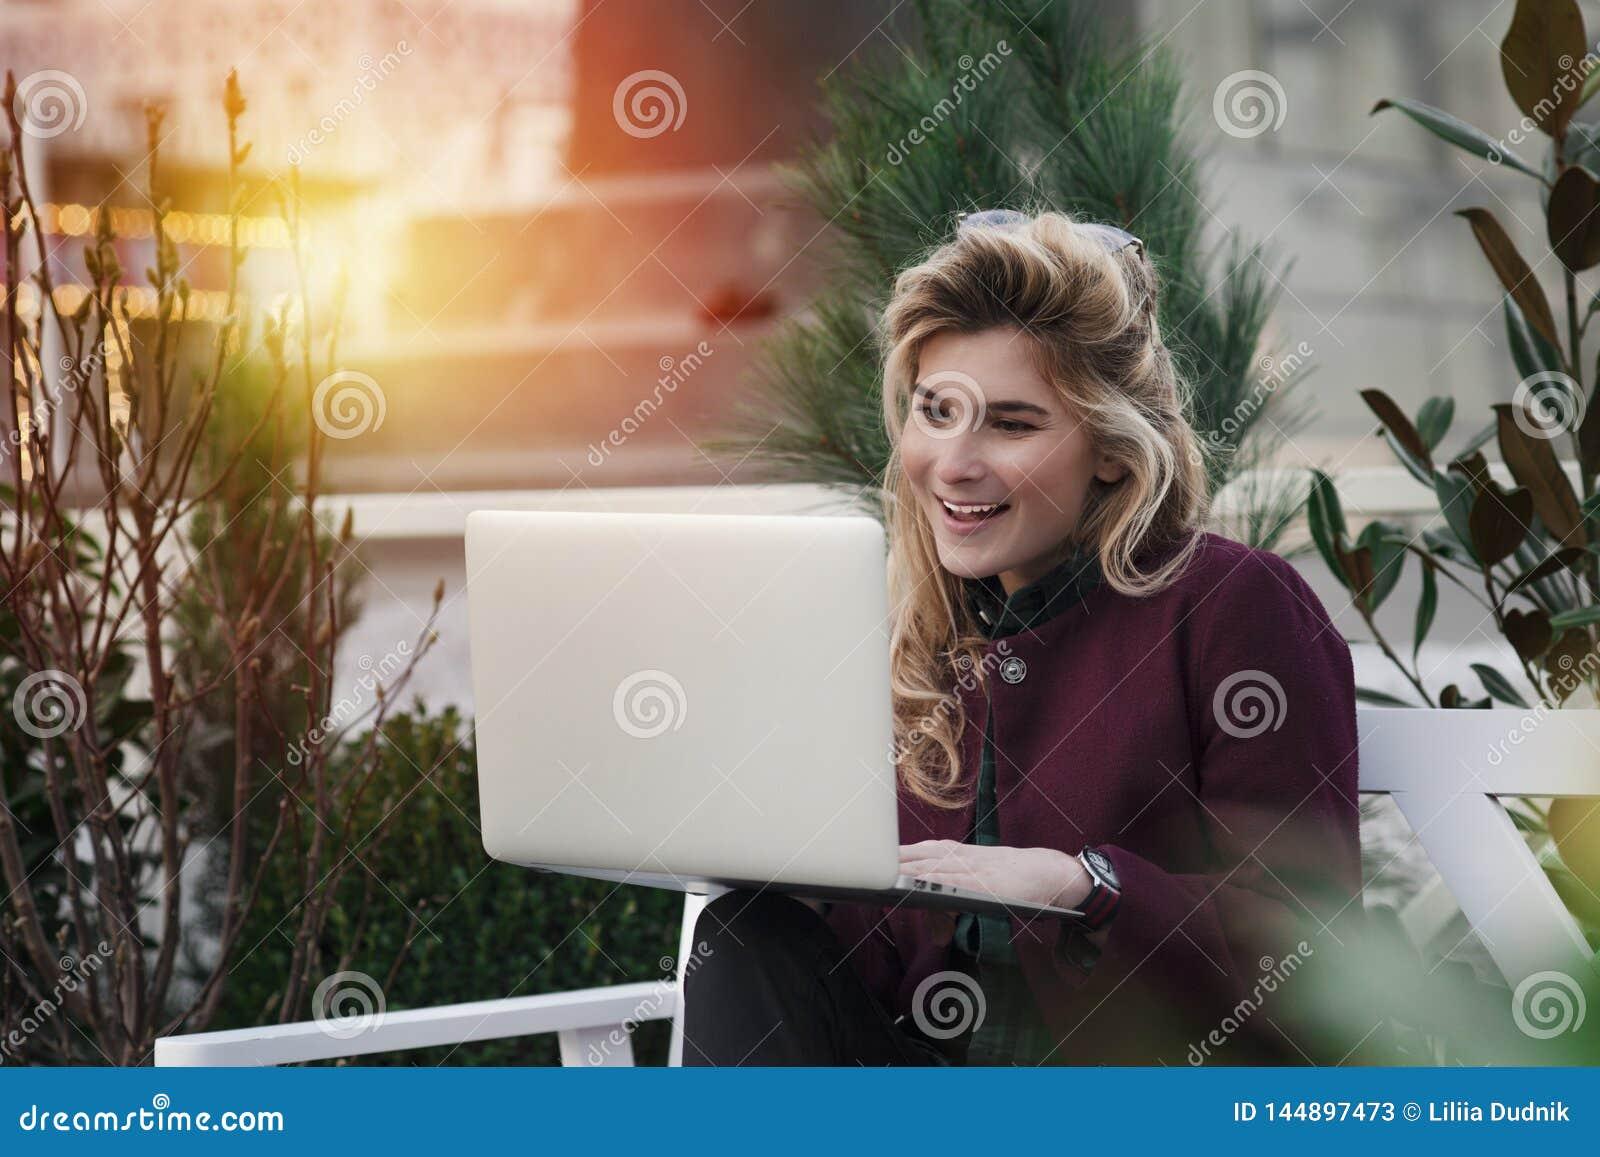 Красивая девушка сидит на стенде с ноутбуком в ее руках на свежей улиц